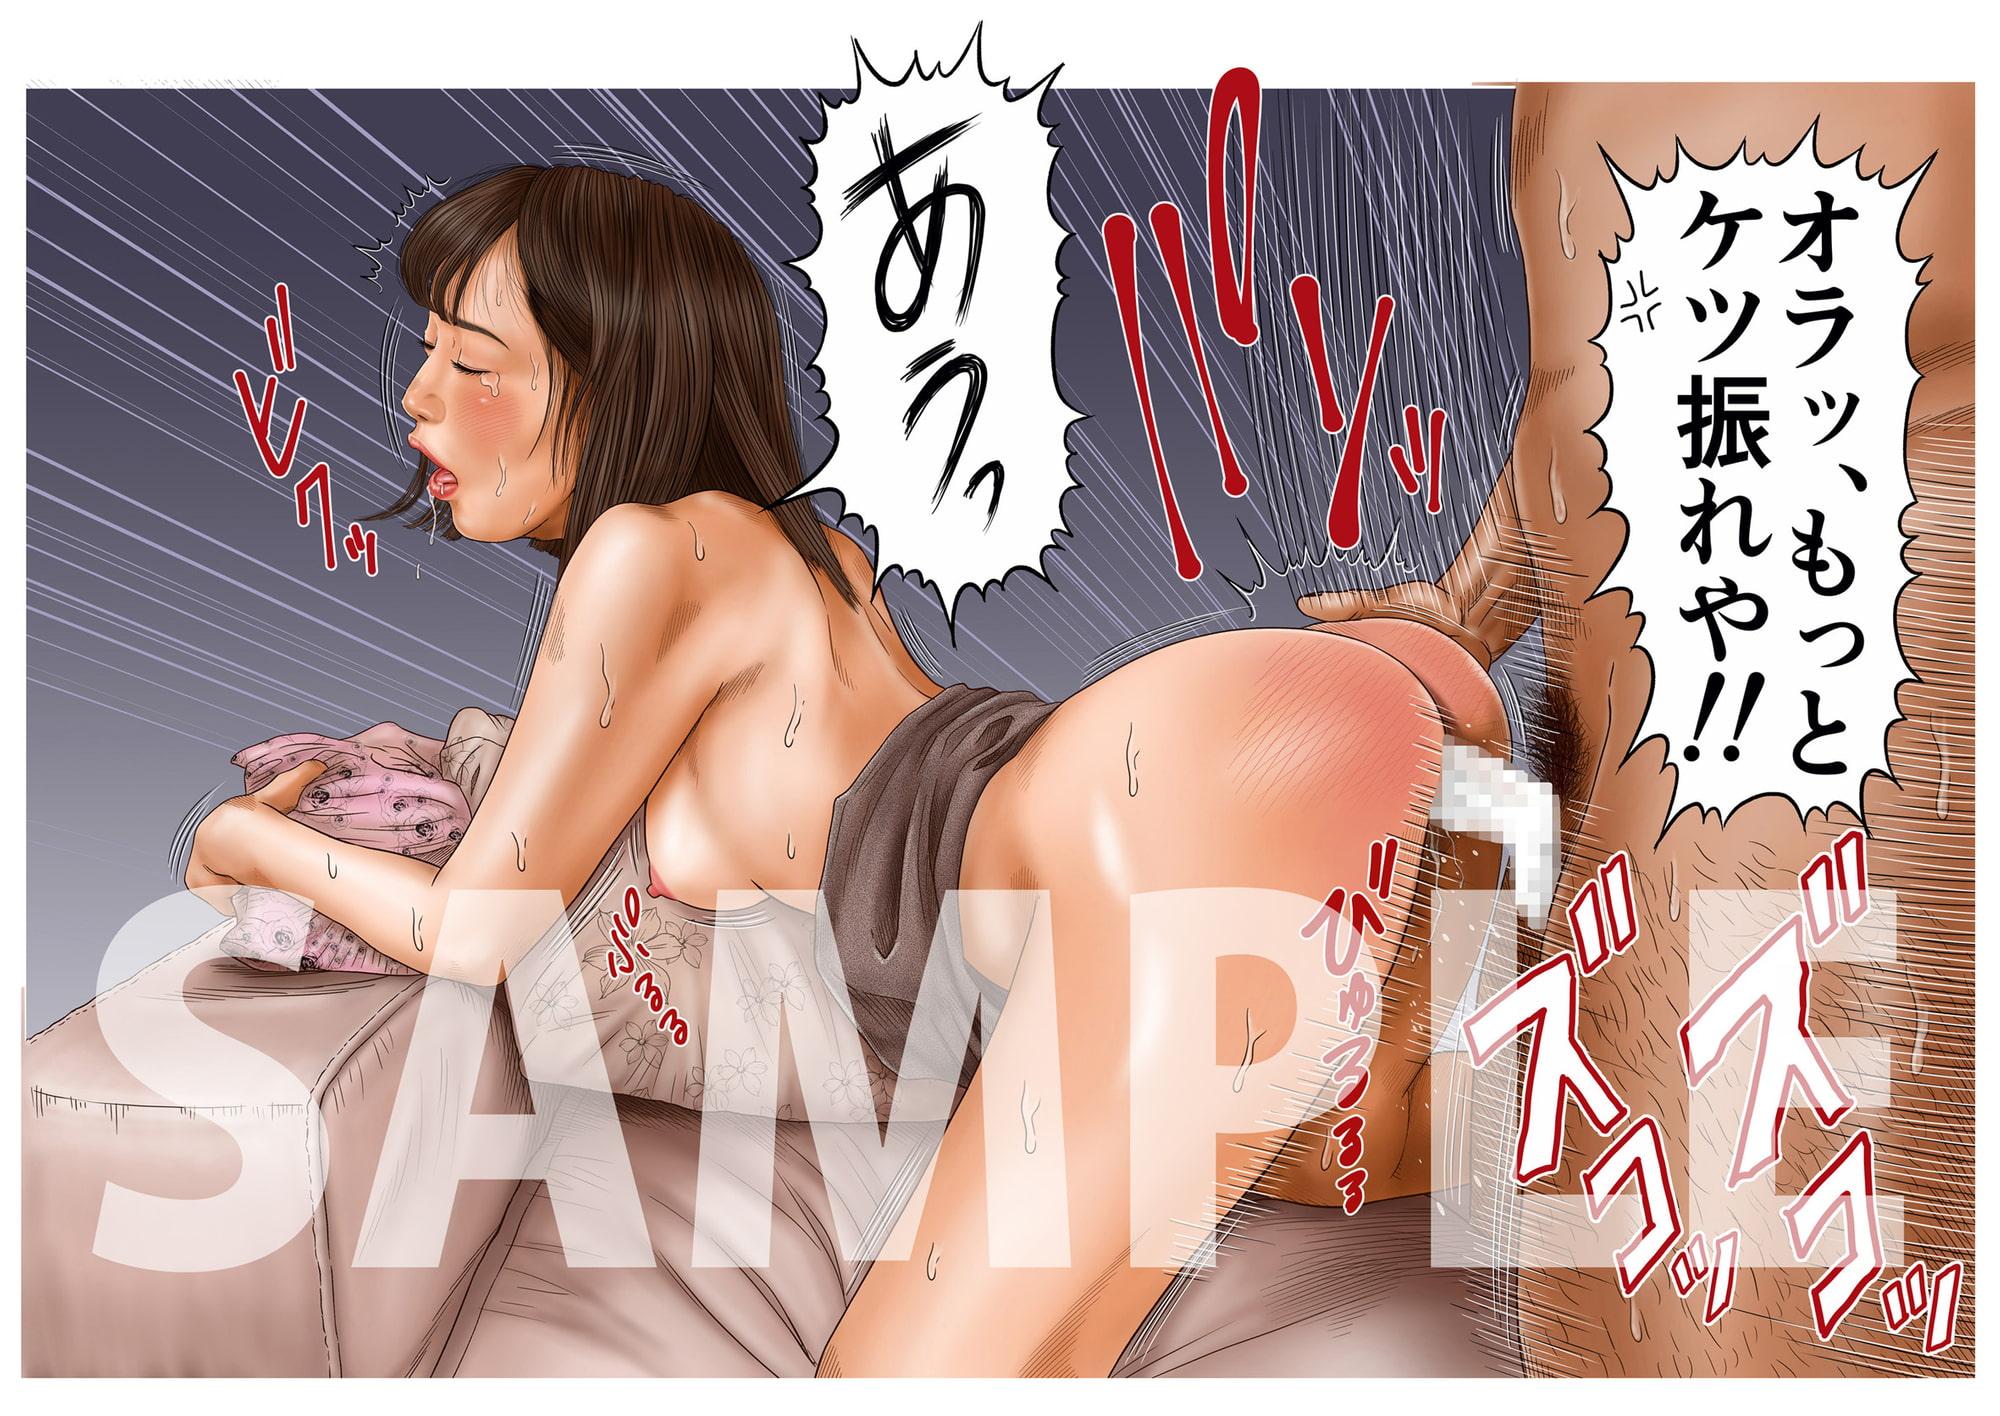 美少女羞恥、開脚、破廉恥図画集 vol.5